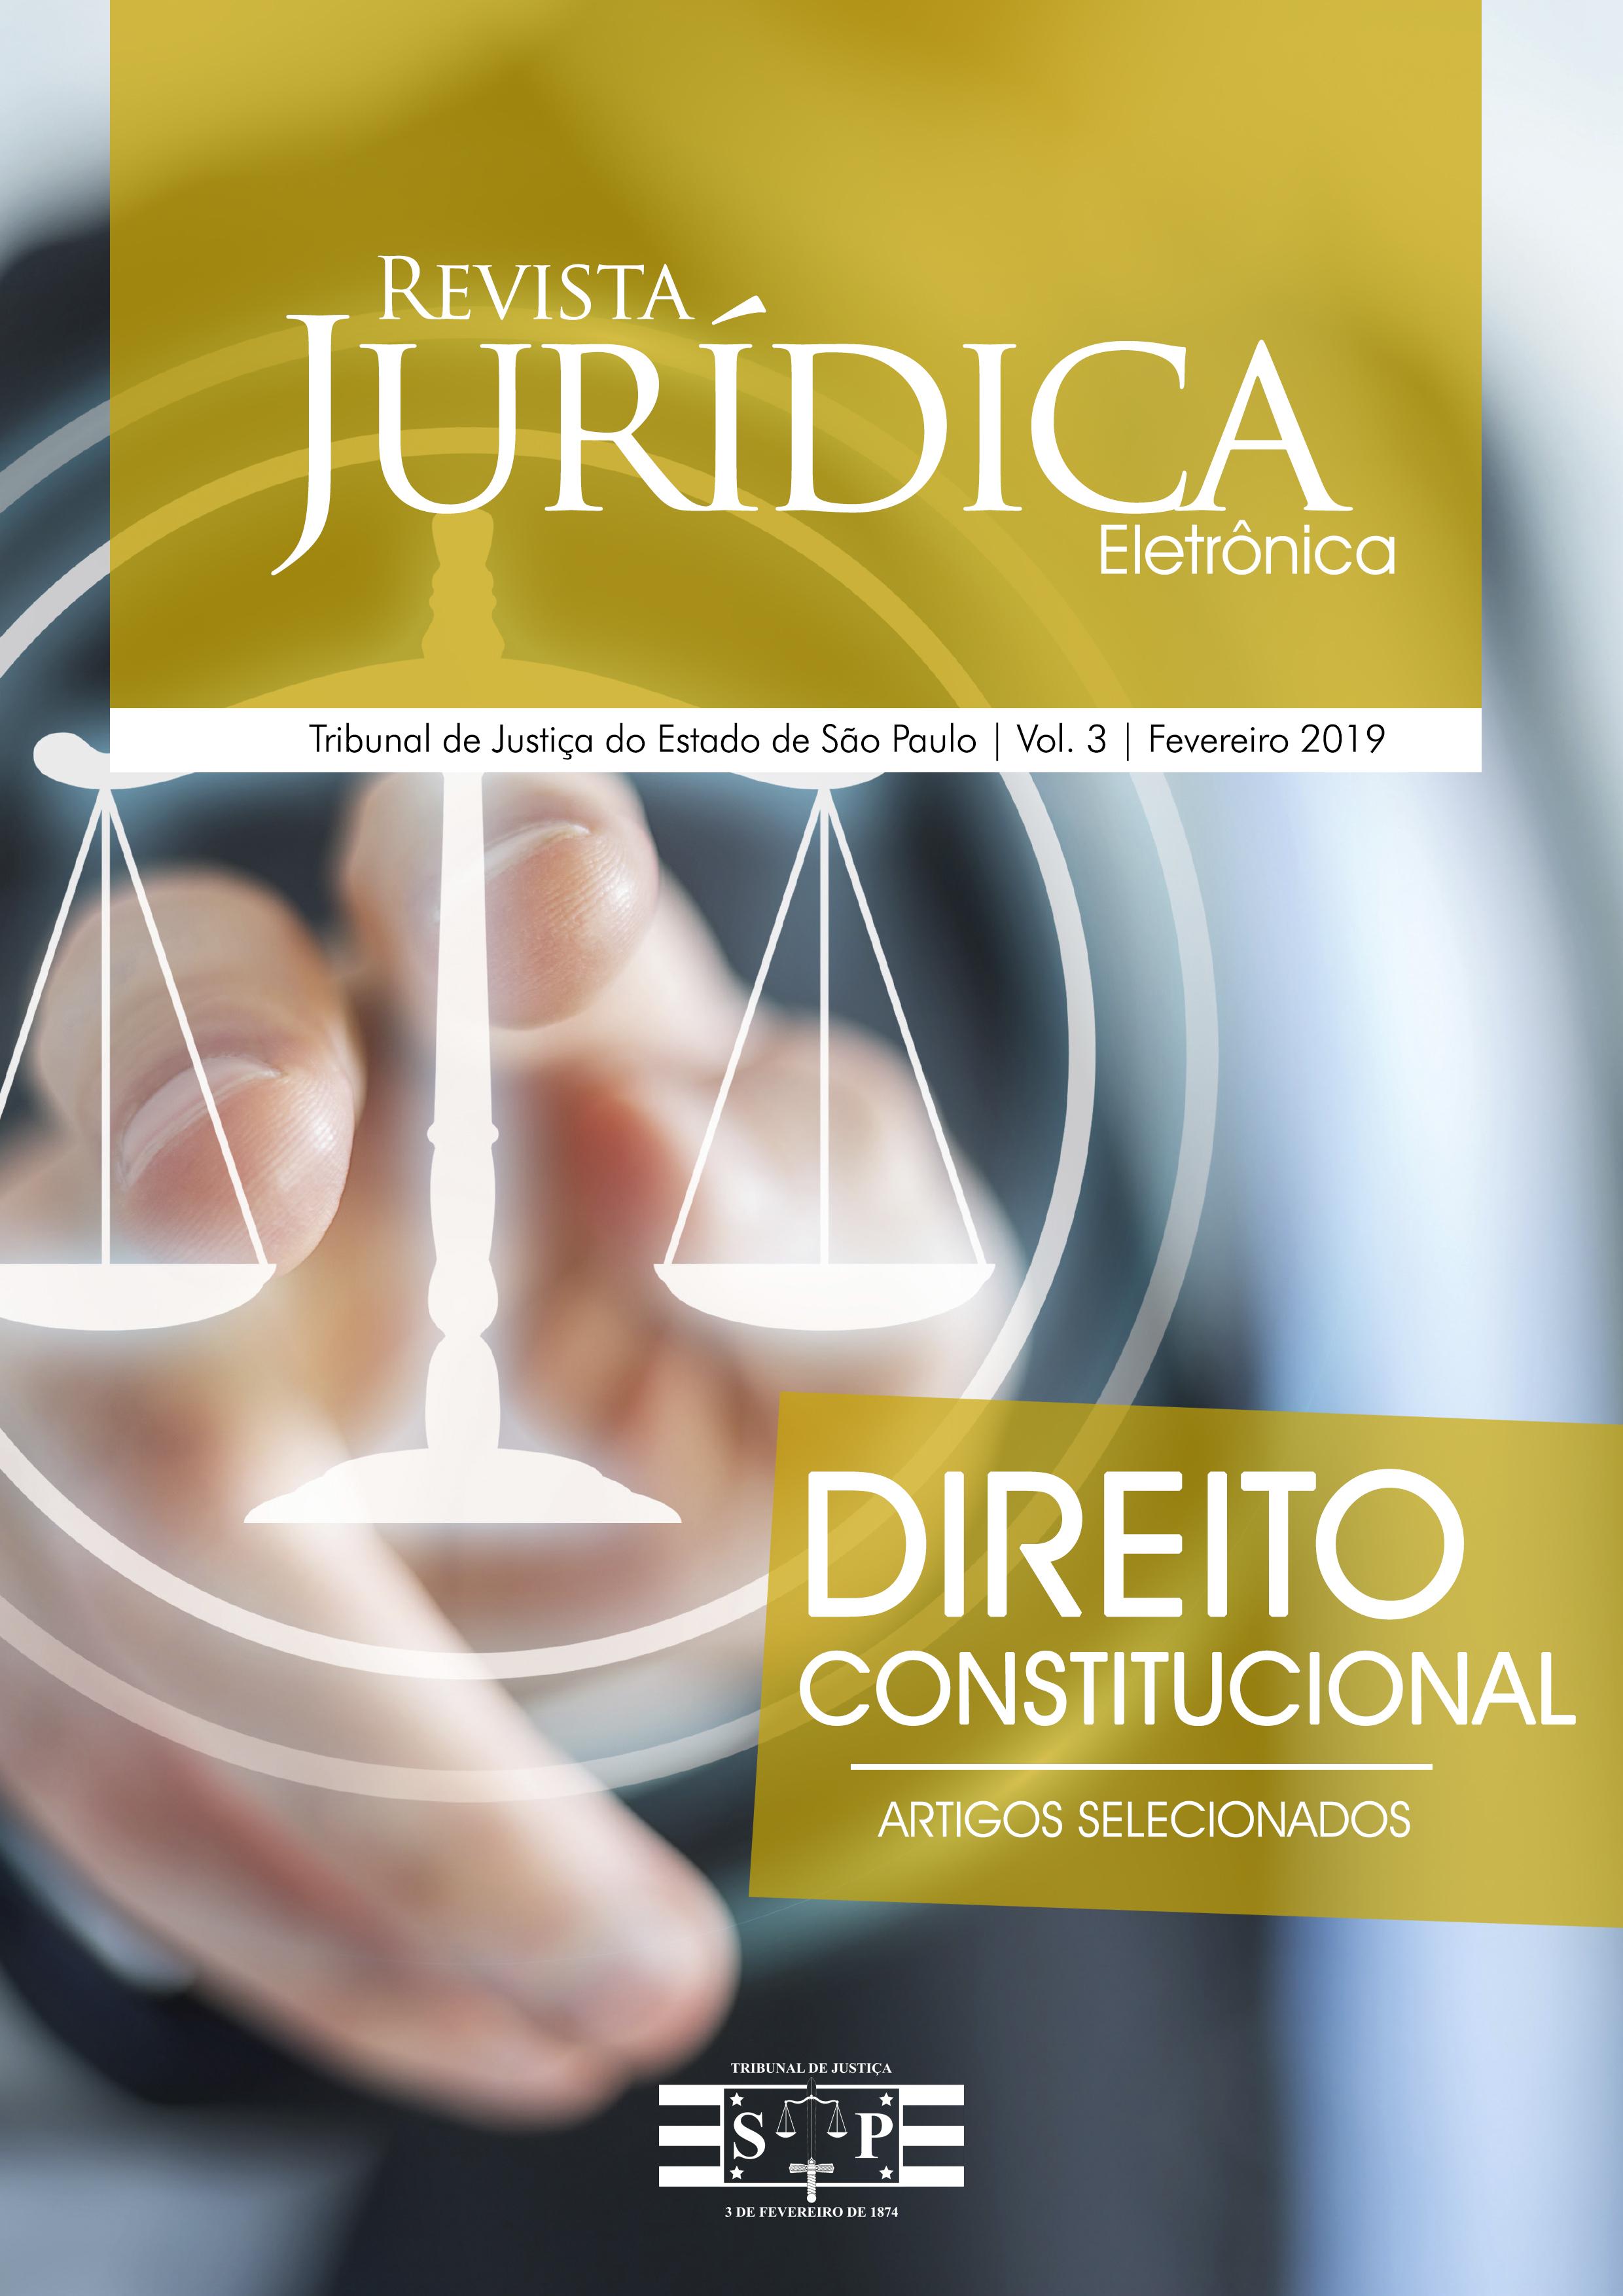 Capa da Revista Jurídica Eletrônica - Volume 01